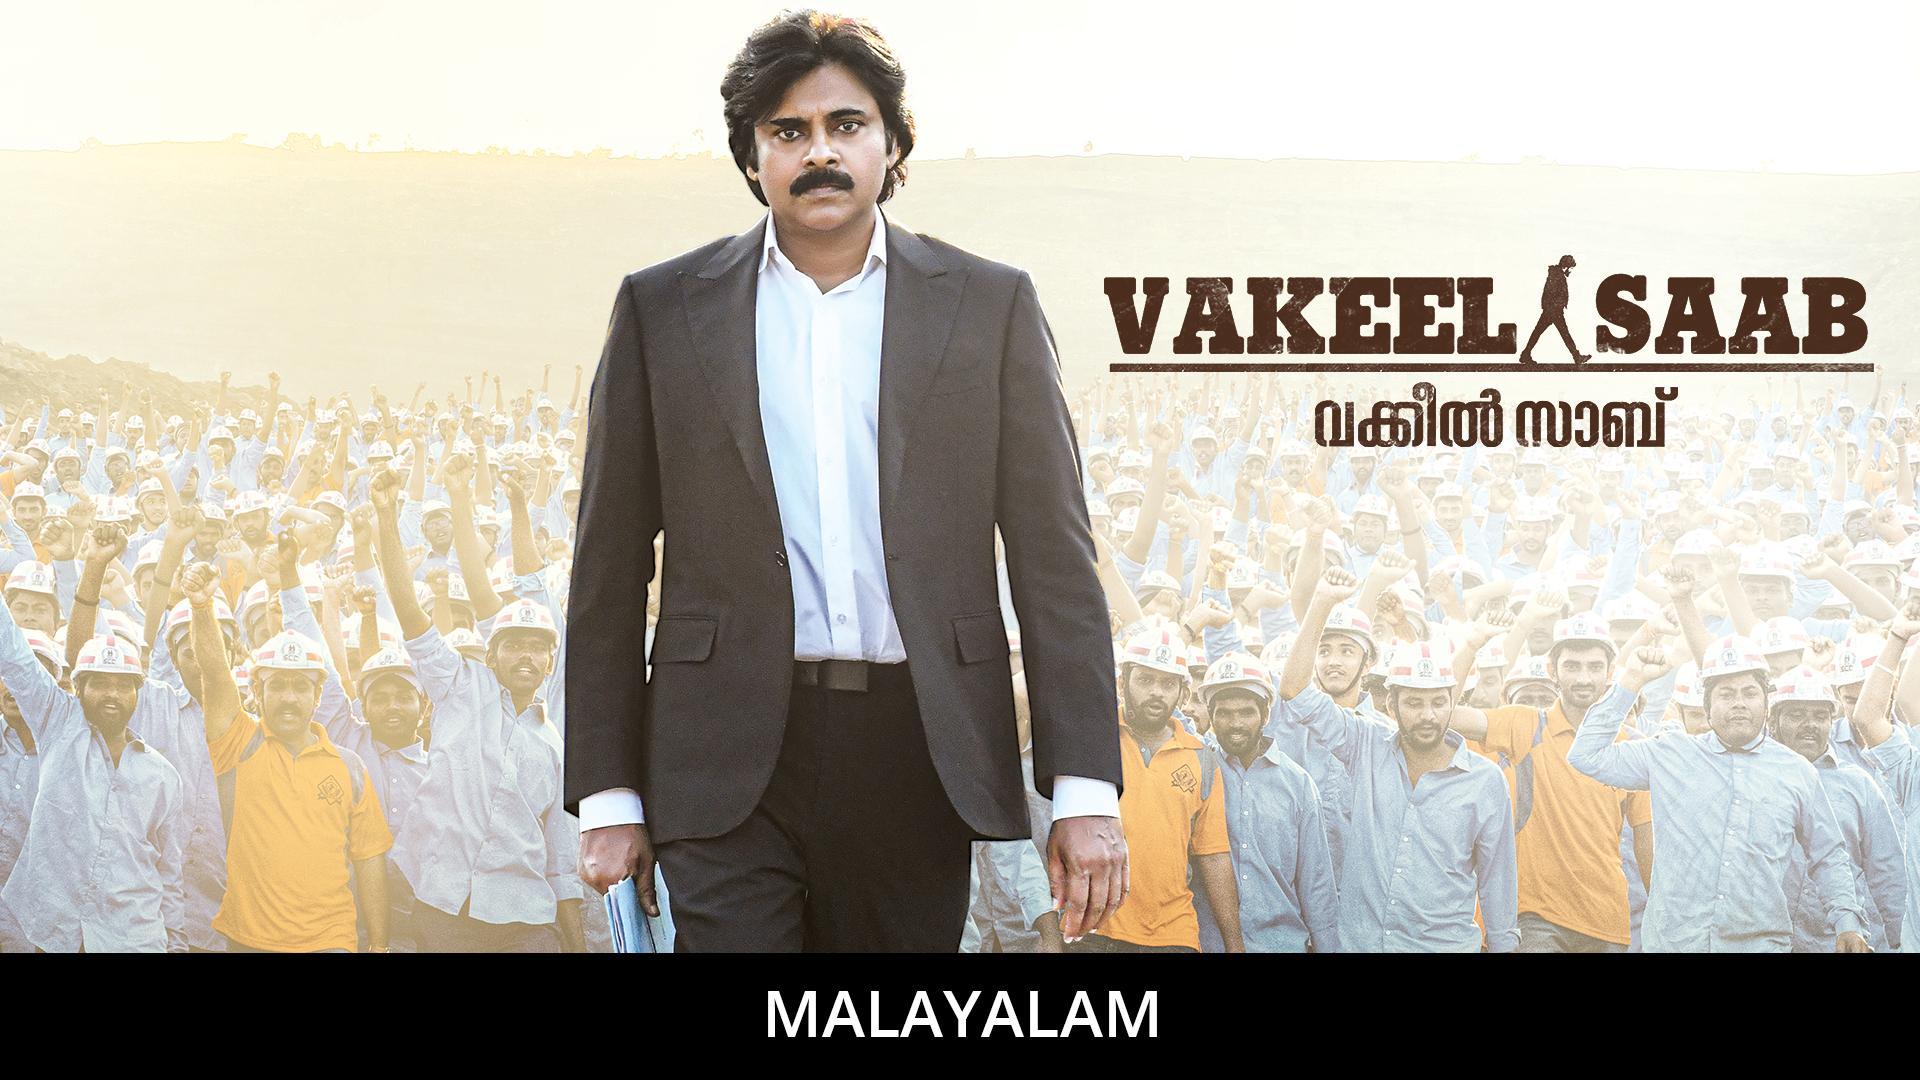 Vakeel Saab (Malayalam)